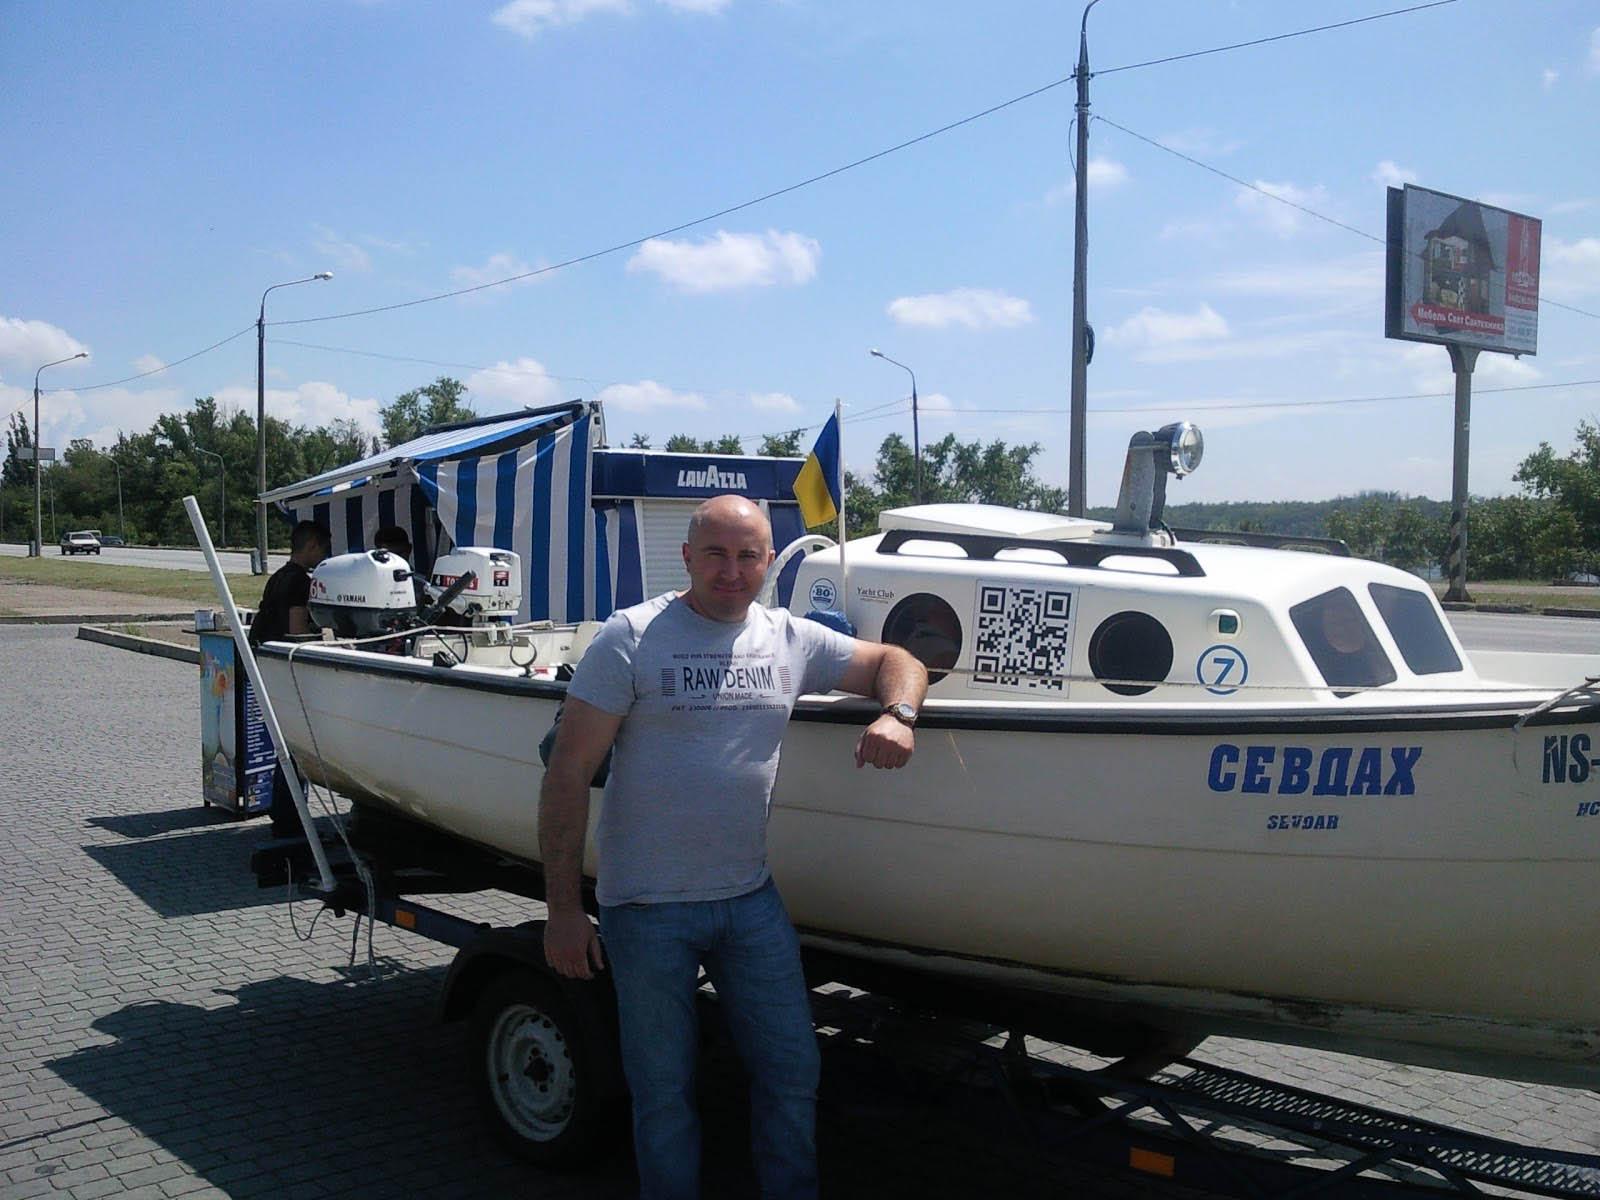 Директор 7 причалу в Запоріжжі допоміг перевезти мій човен на інше море